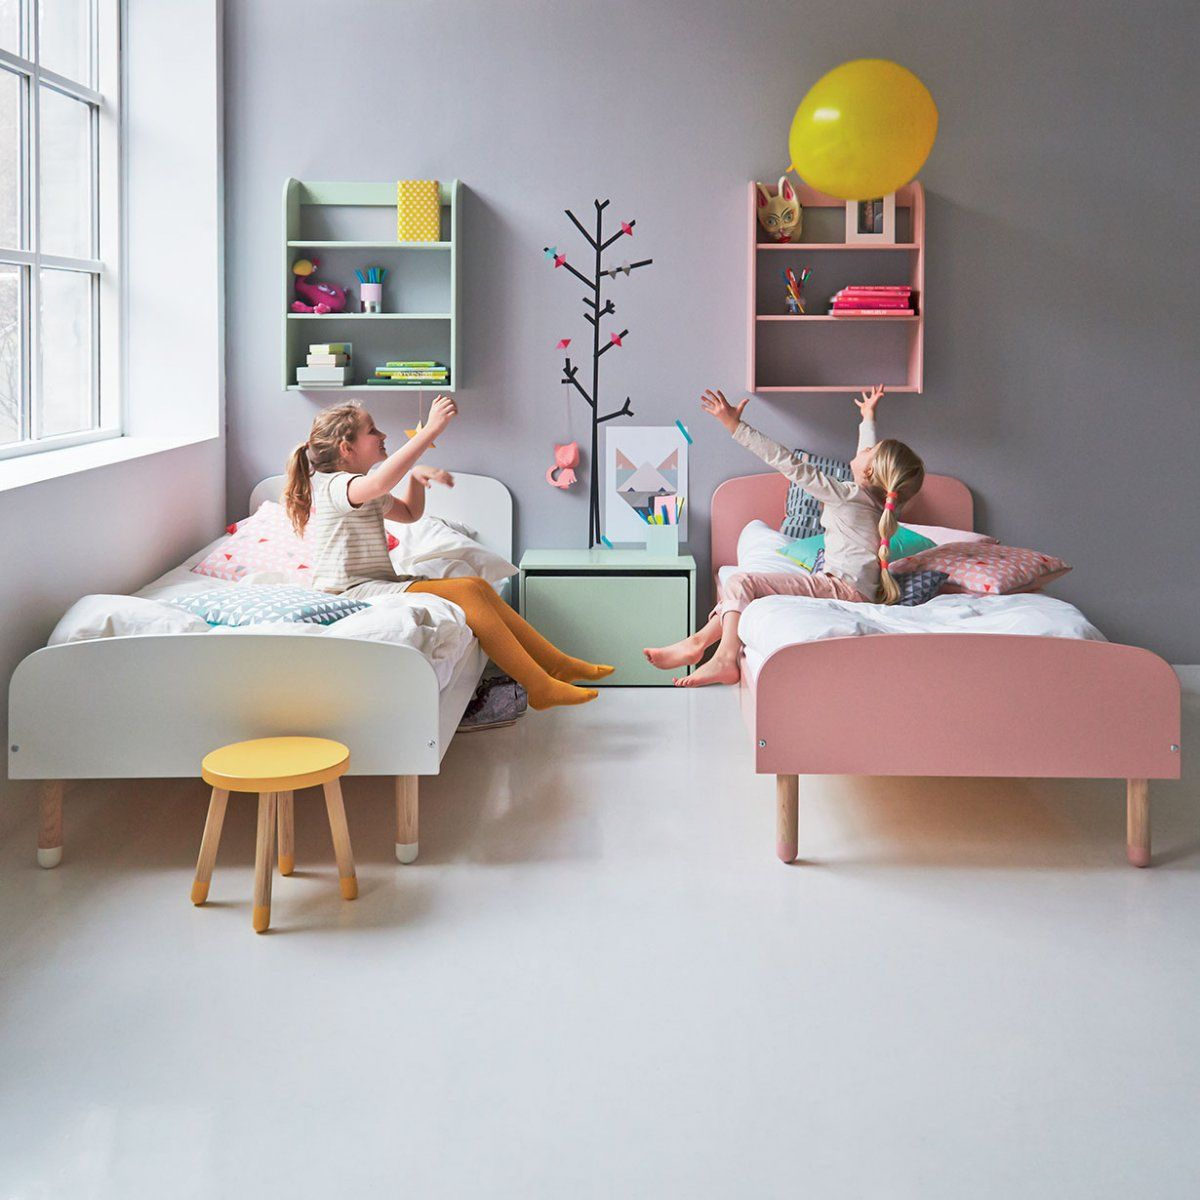 Letti A Castello Woodland.Letto Singolo Play L 204 Cm By Flexa Bambini Letti A Castello Mobili Per Bambini Camerette